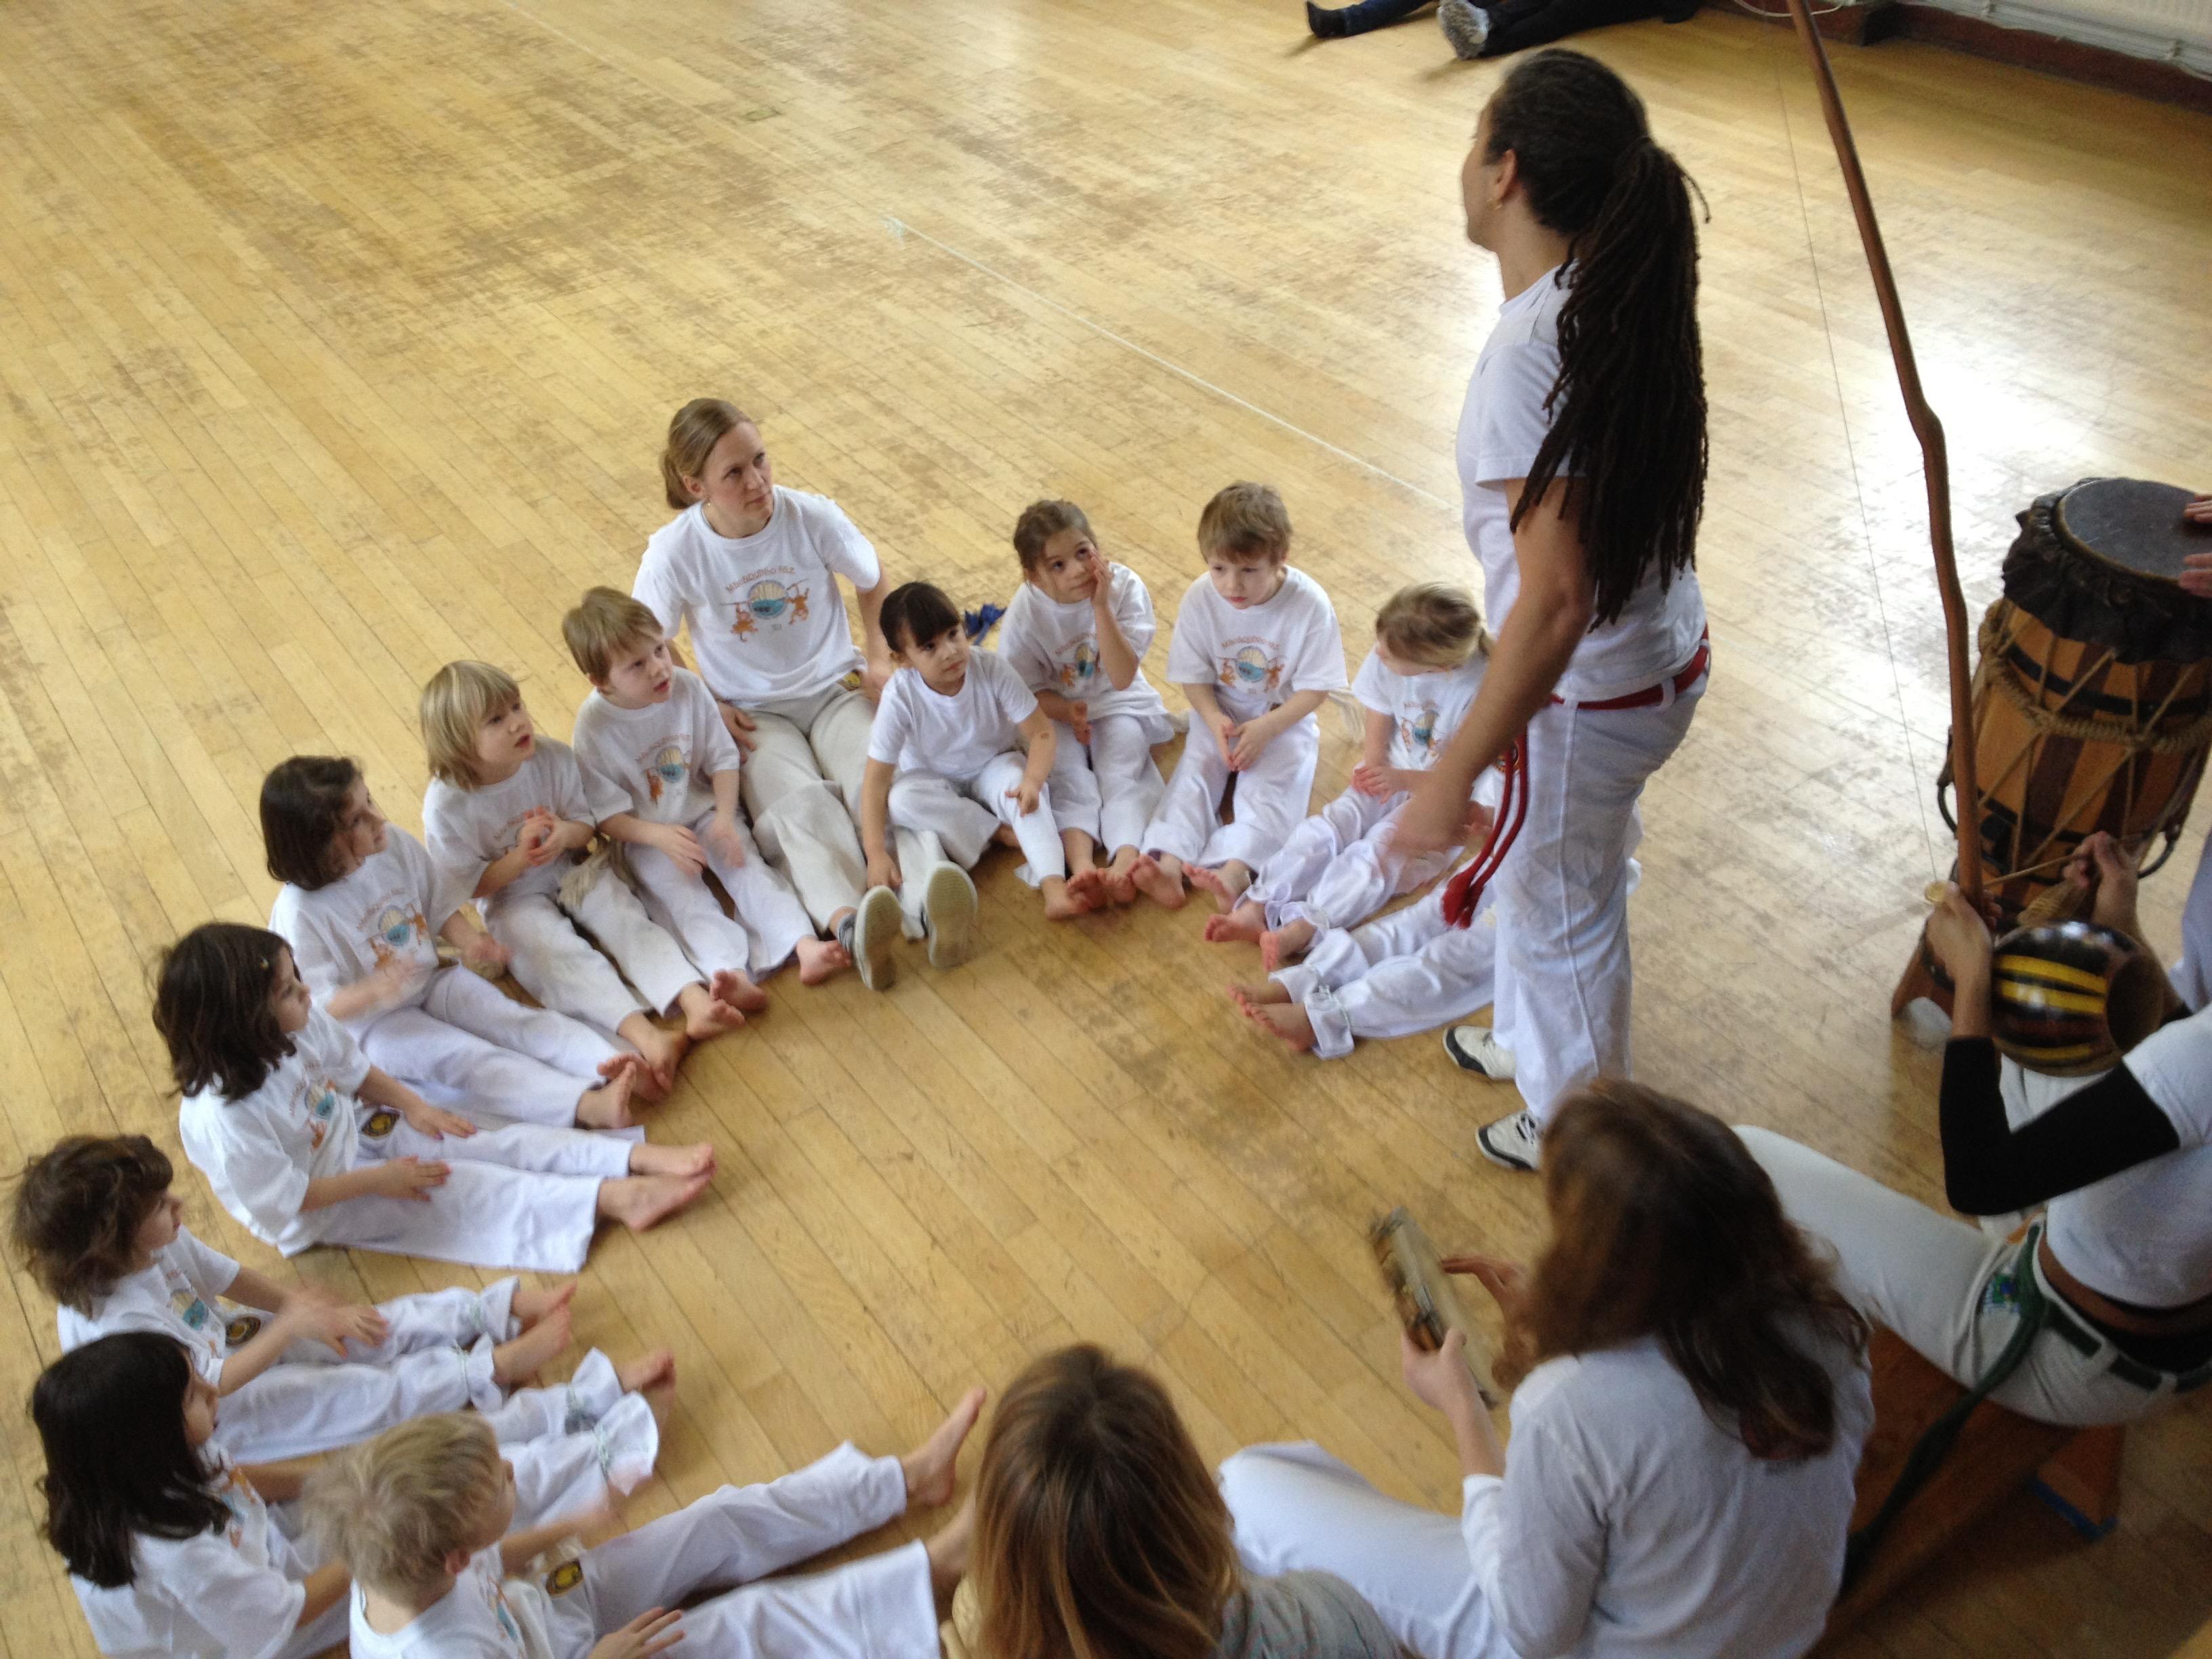 Capoeirando Stockholm Kids event